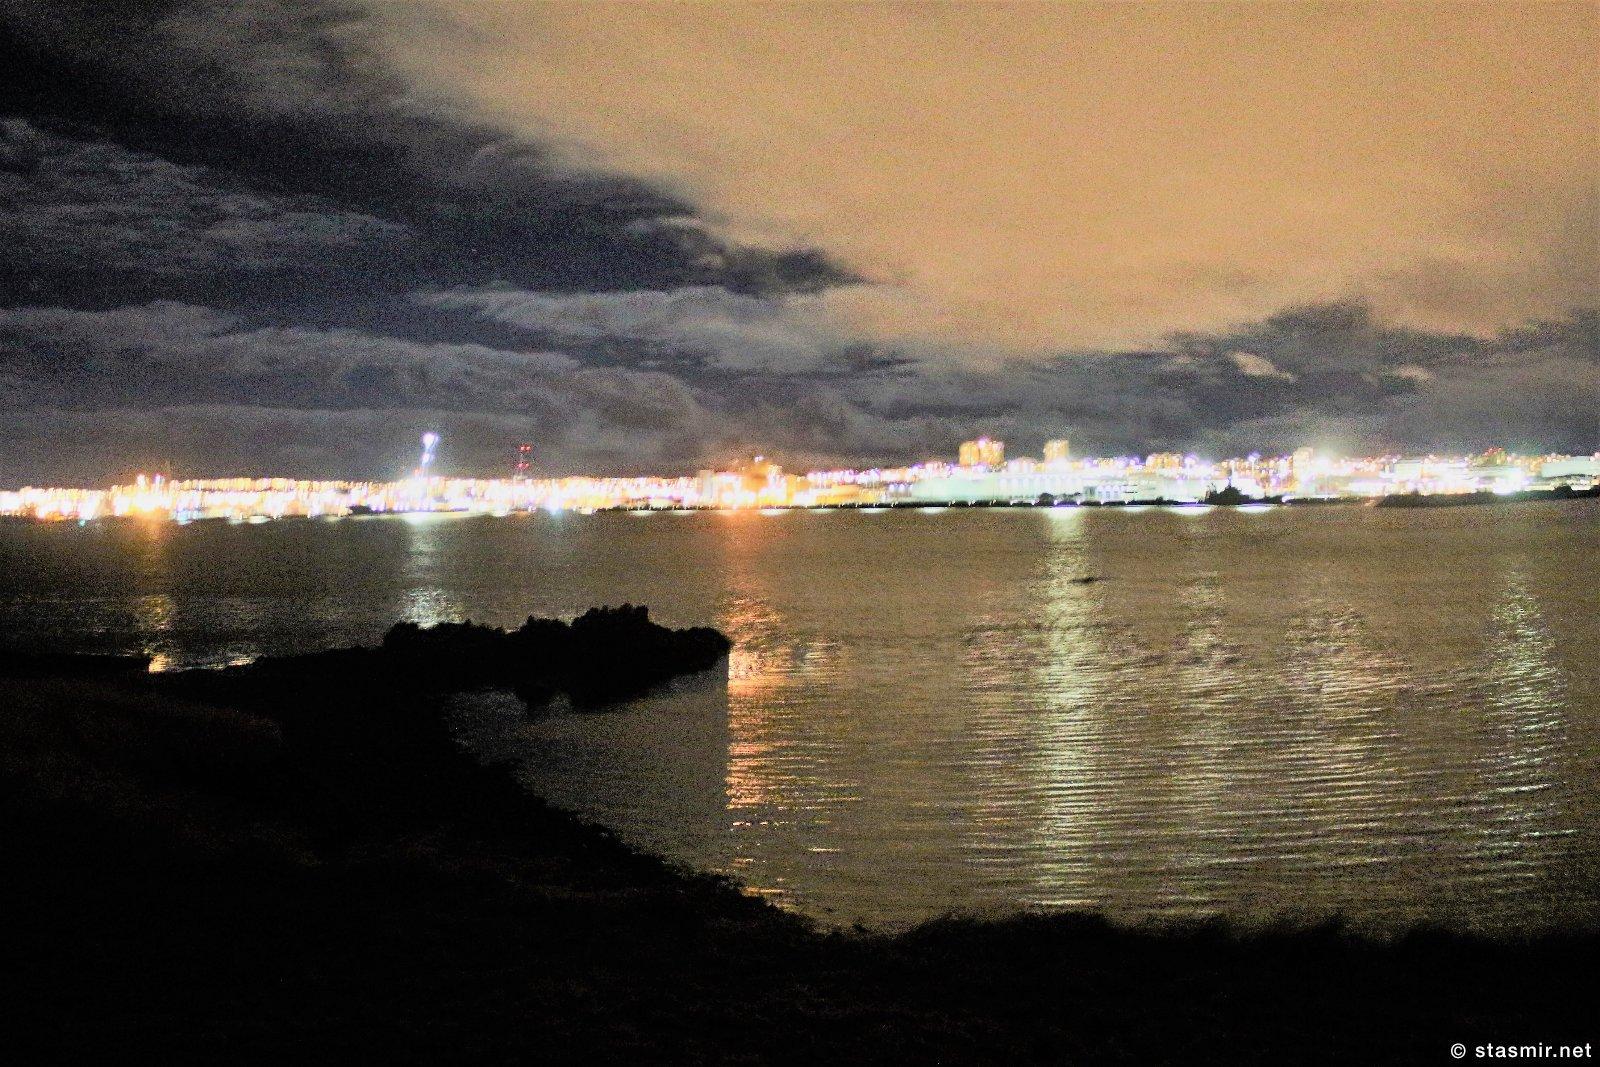 Вид на Рейкьявик с башни мира Imagine Peace Tower на острове Viðey рядом в Рекьявиком, Фото Стасмир, photo Stasmir